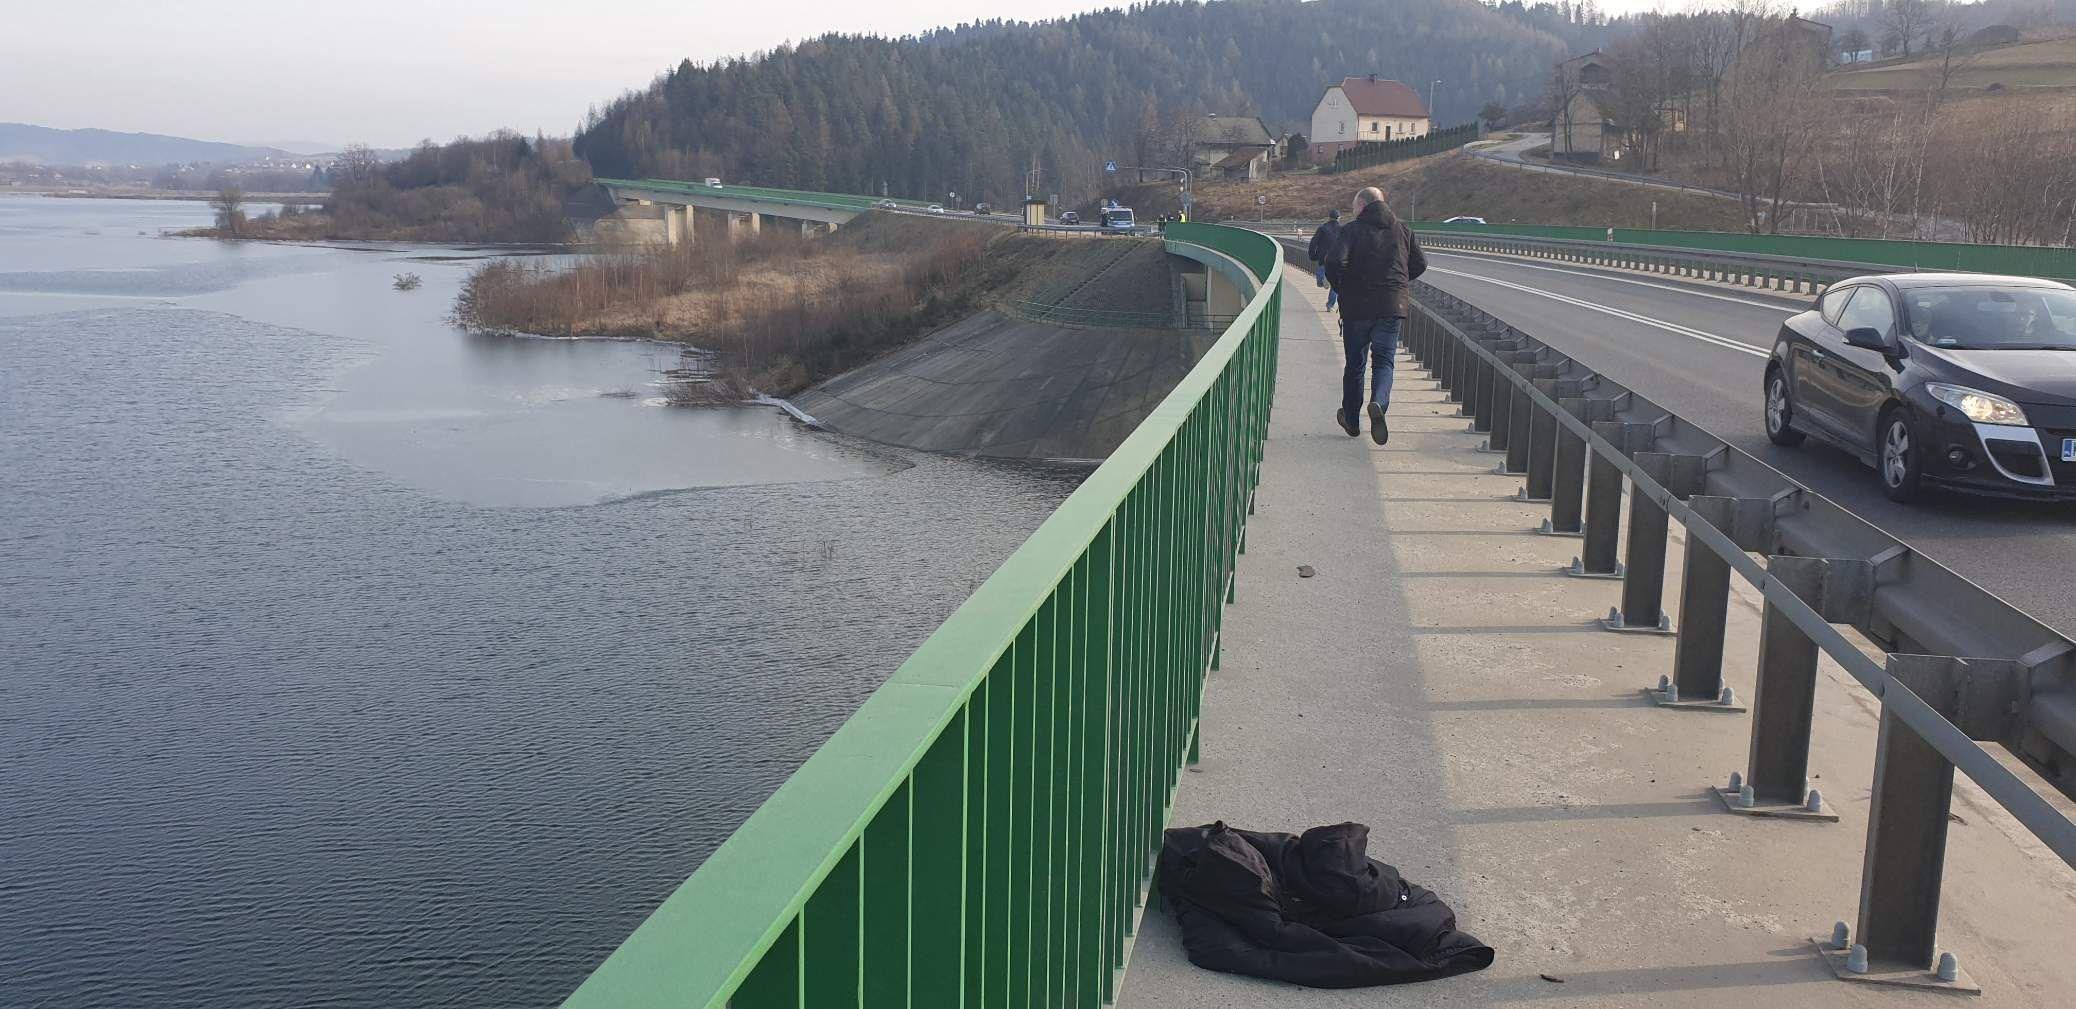 Dramatyczna sytuacja nad zaporą. Kobieta skoczyła z mostu